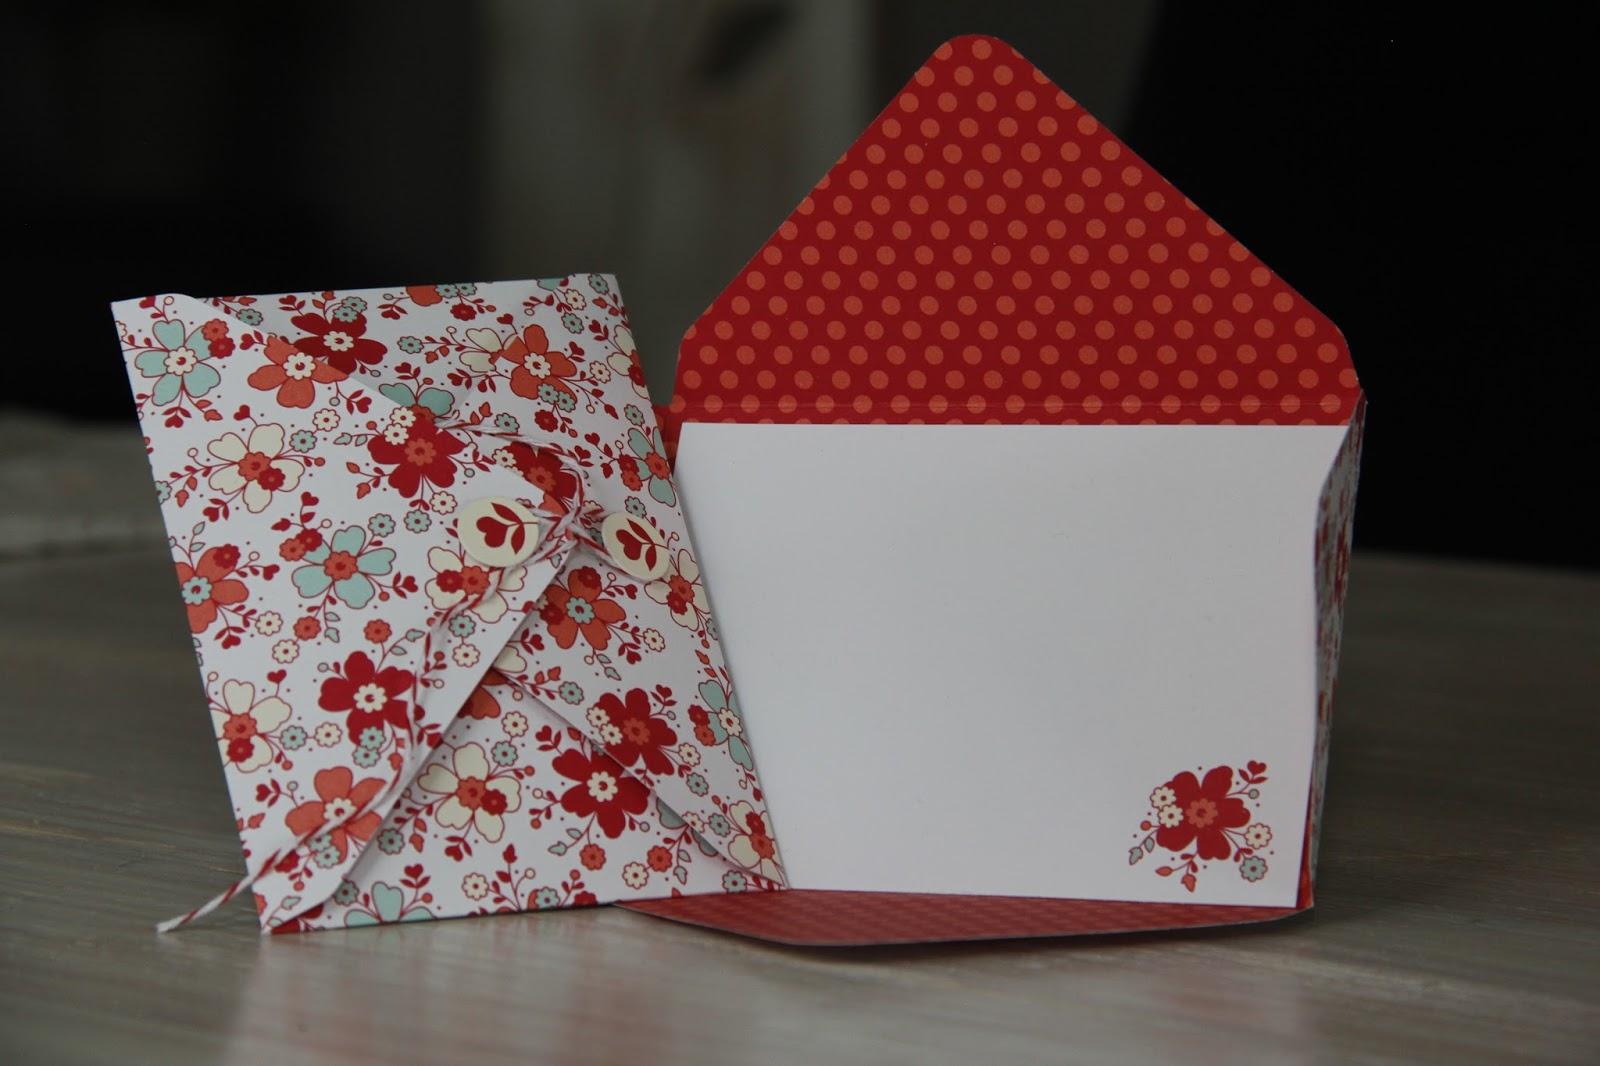 Toll Hier Seht Ihr Einen Zettel Den Ihr Beschreiben Könnt In Einem Kleinen Und  Niedlichen Umschlag, Den Ihr Mit Einem Bändchen Schließen Könnt.